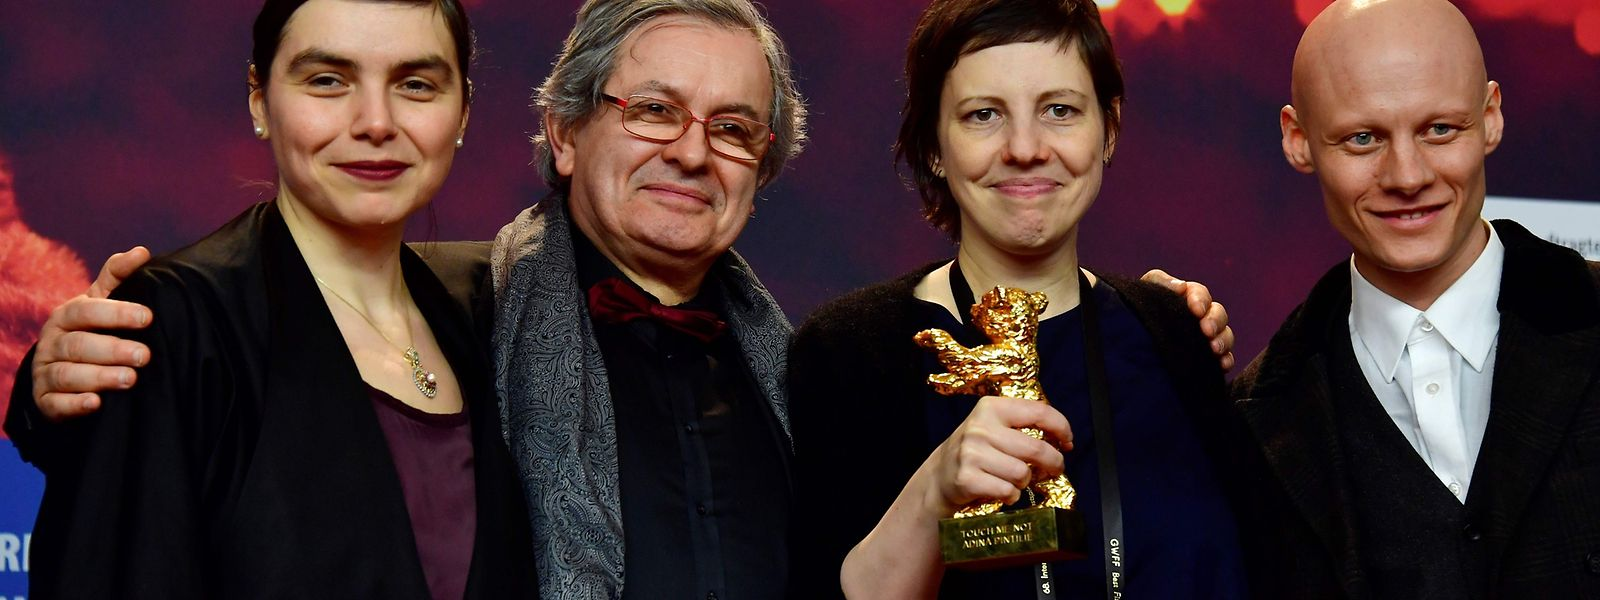 La réalisatrice Adina Pintilie reçoit l'Ours d'or